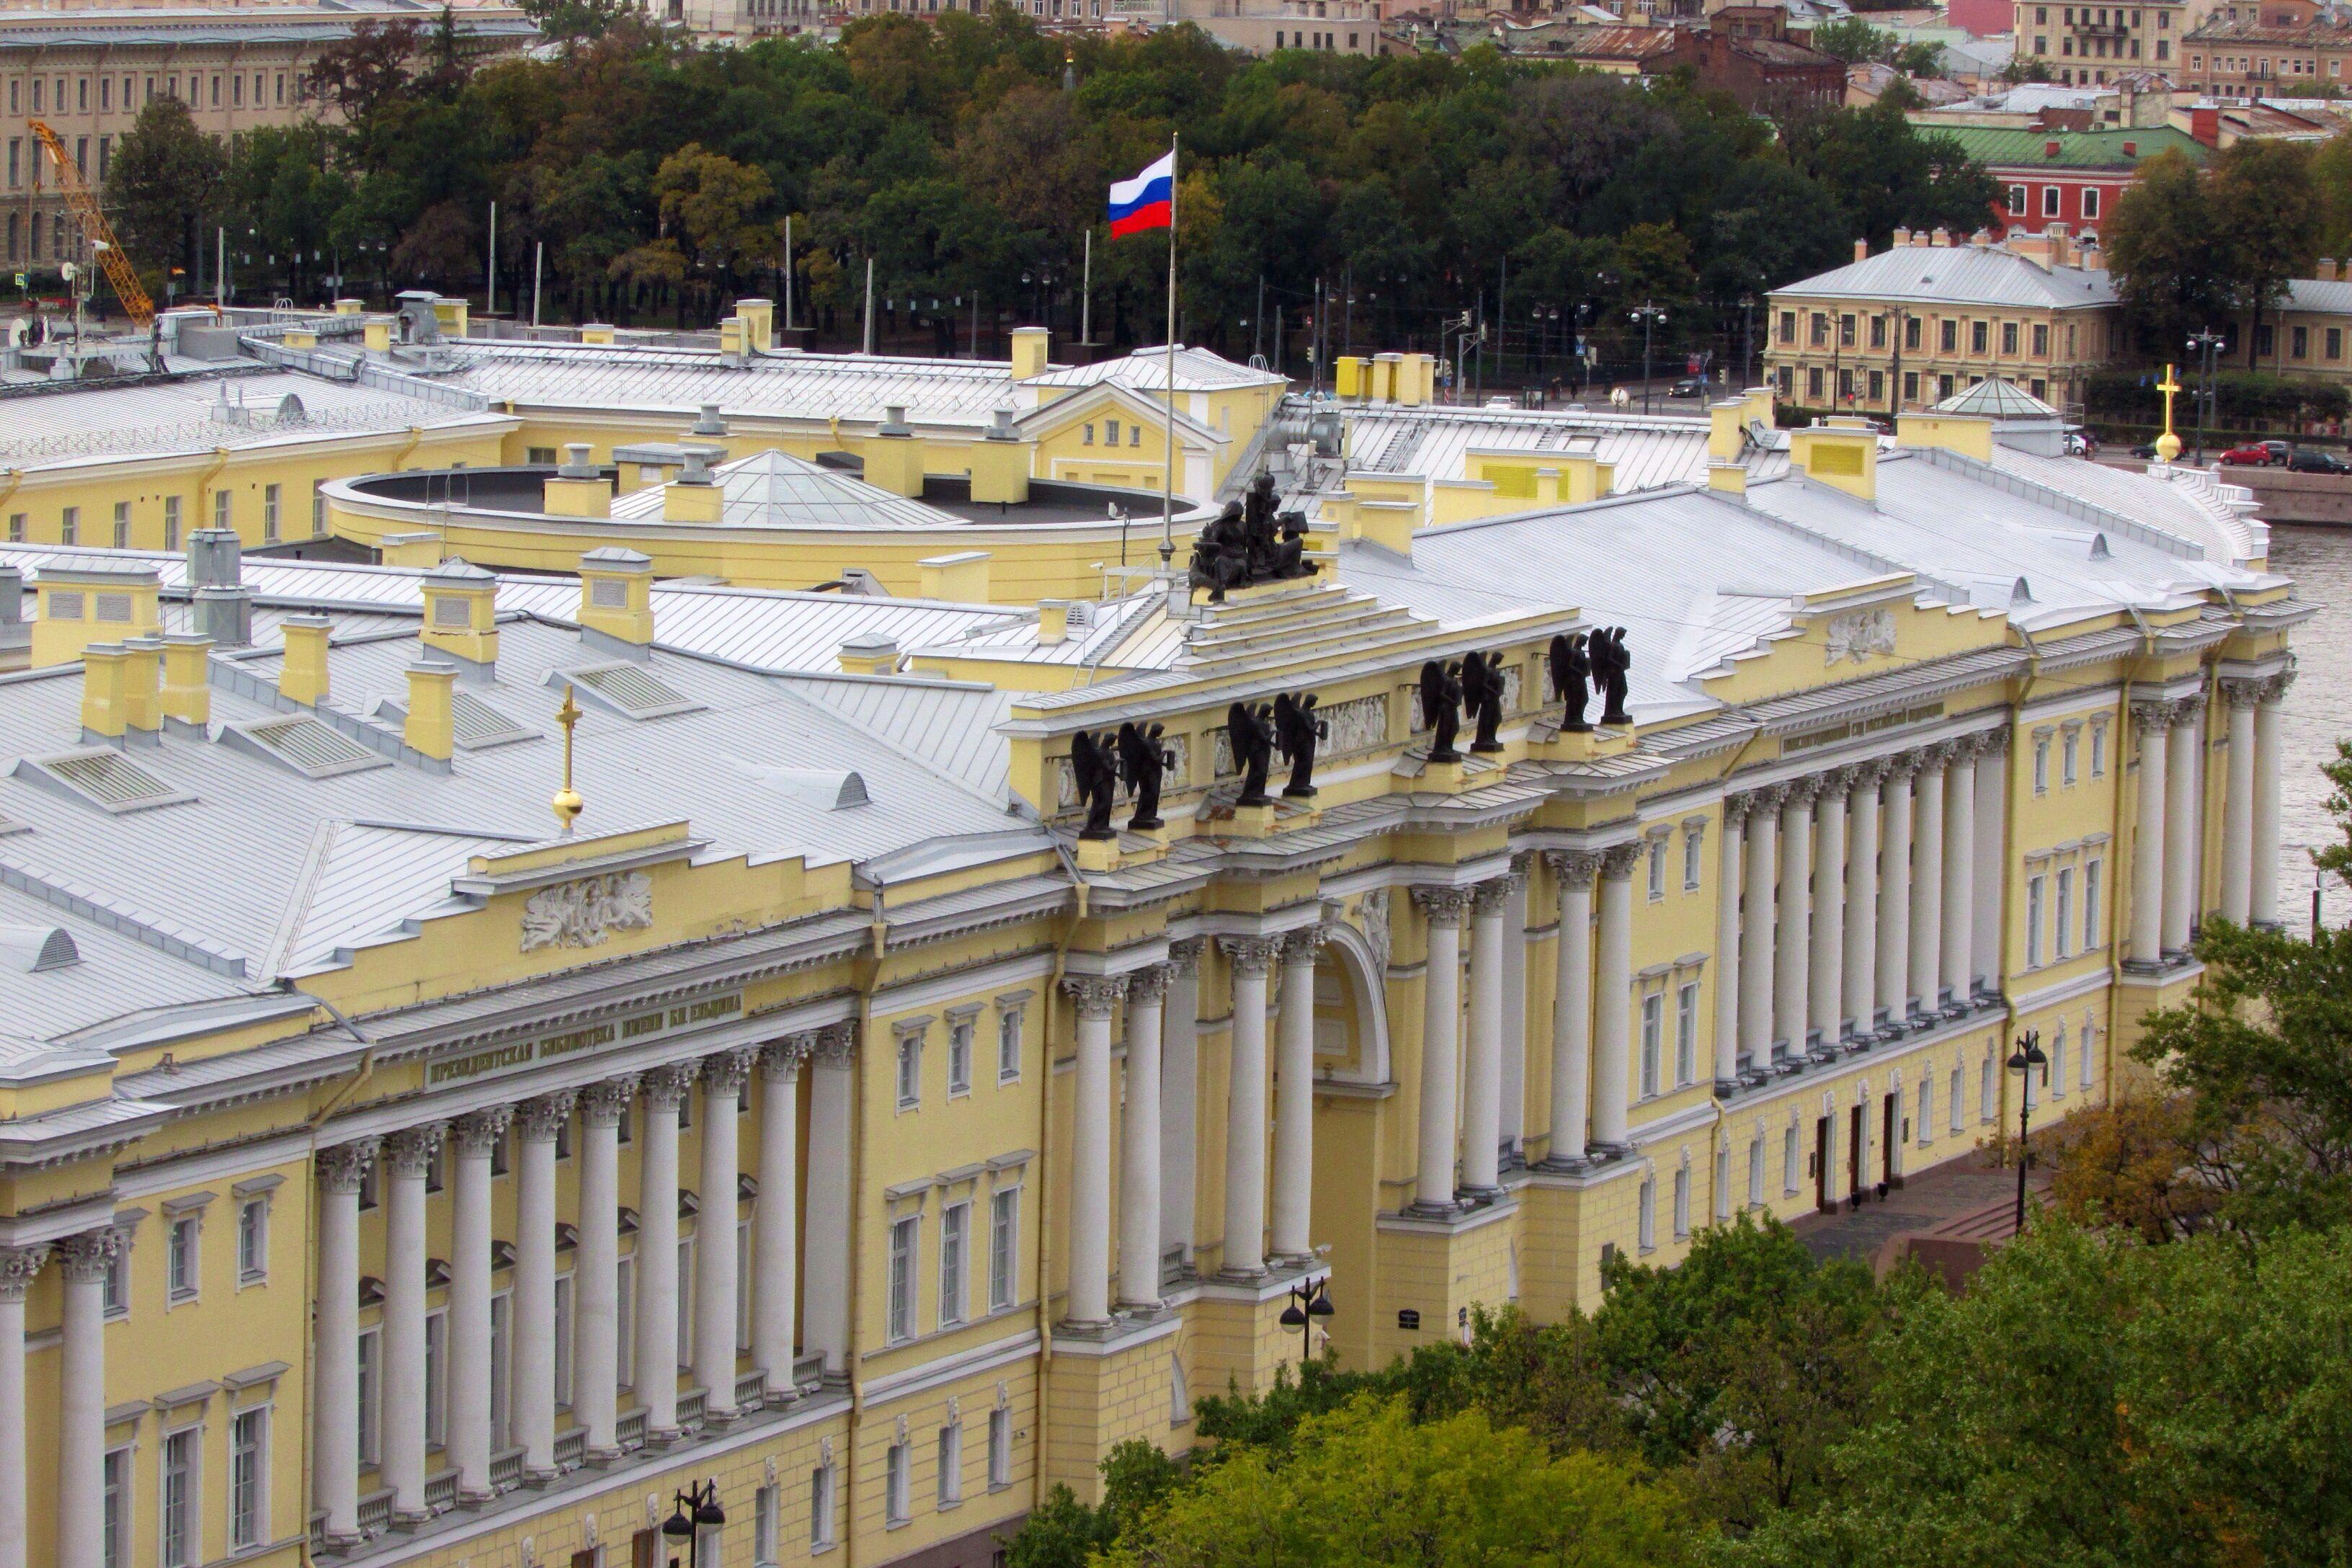 высокие дворцовой и сенатской картинки диснеевский